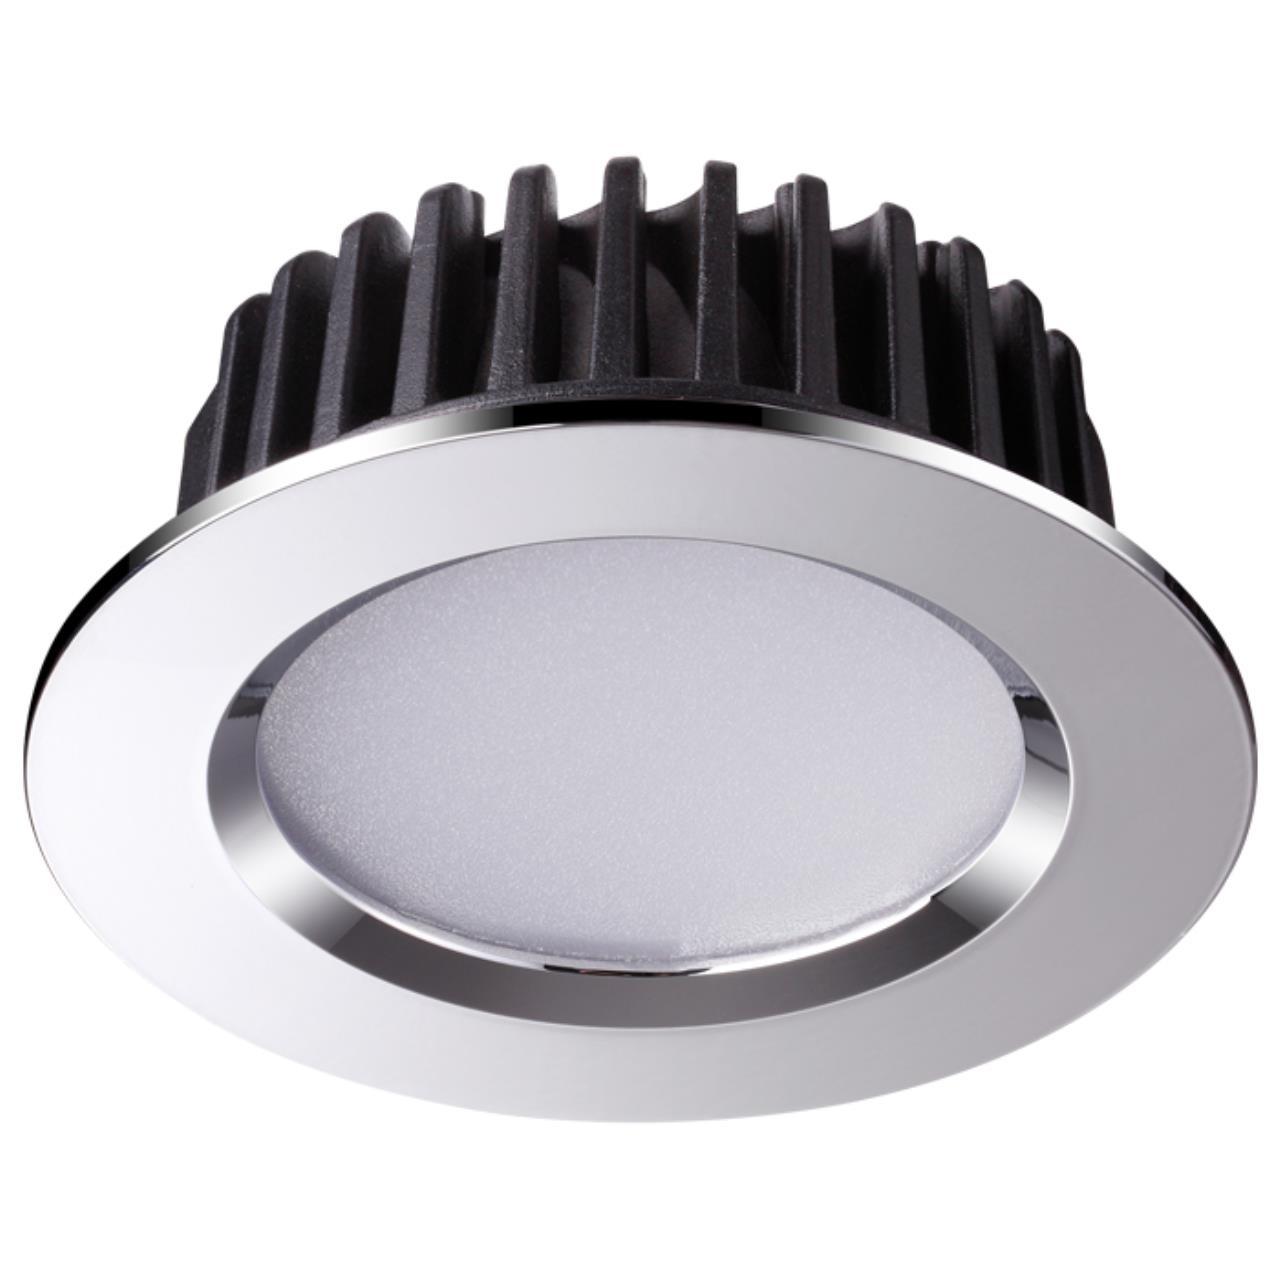 357601 SPOT NT18 090 хром Встраиваемый светильник IP44 LED 3000K 10W 100-265V DRUM